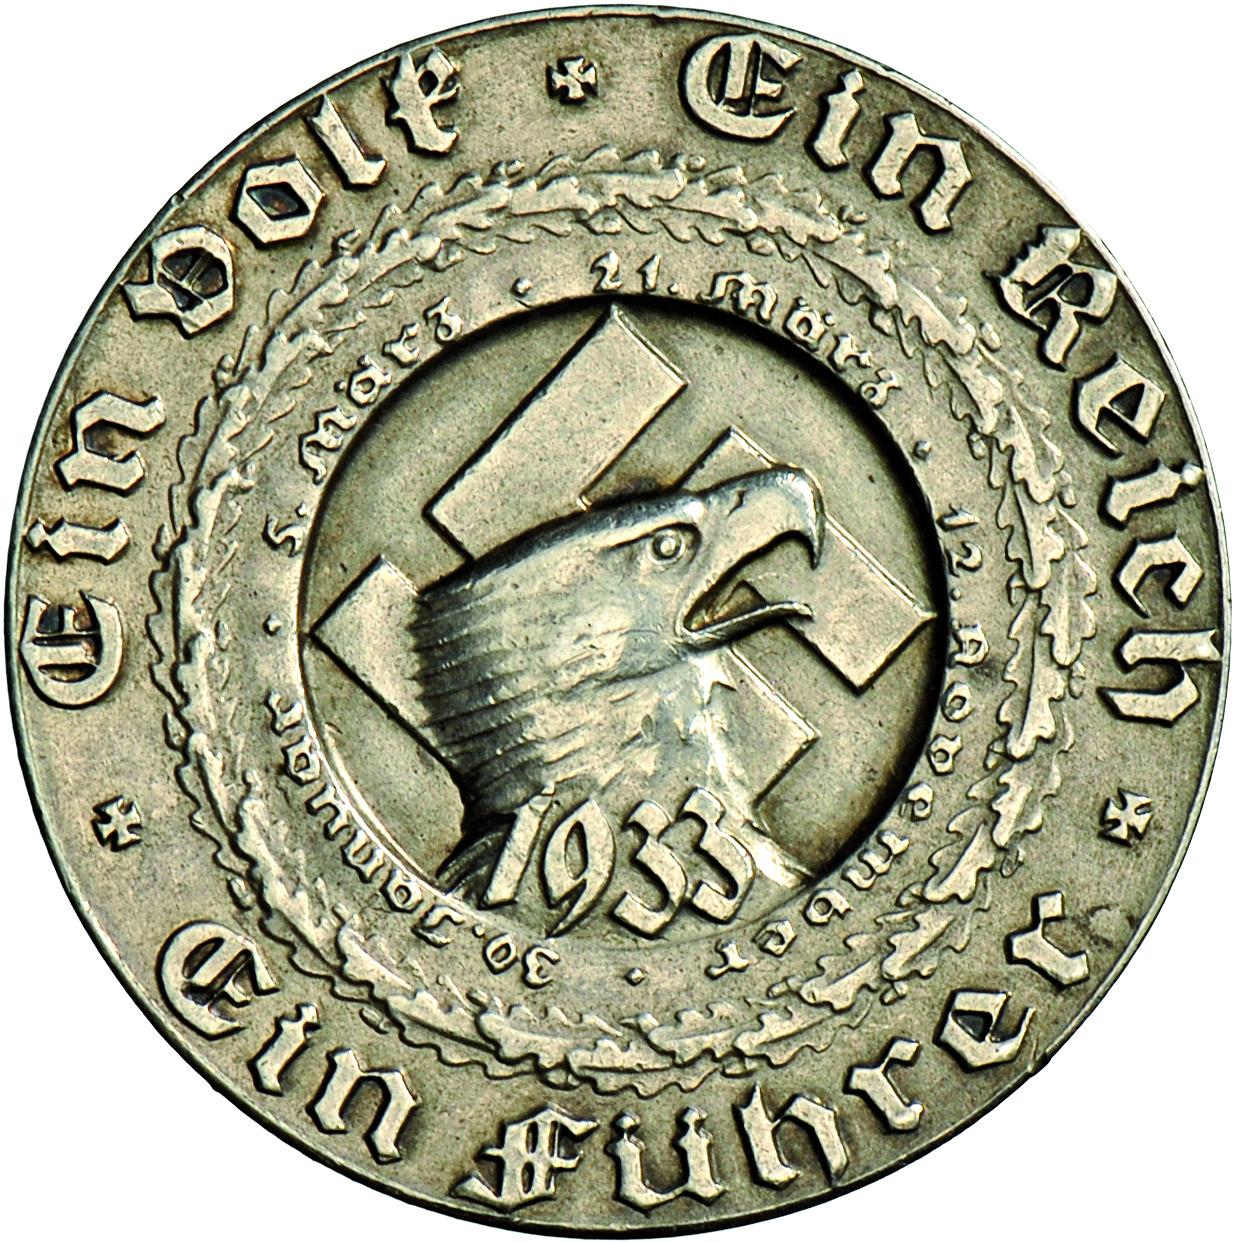 Lot 4578 - Medaillen Deutschland   Münzen  -  Auktionshaus Christoph Gärtner GmbH & Co. KG Banknotes & Coins Auction #39 Day 2